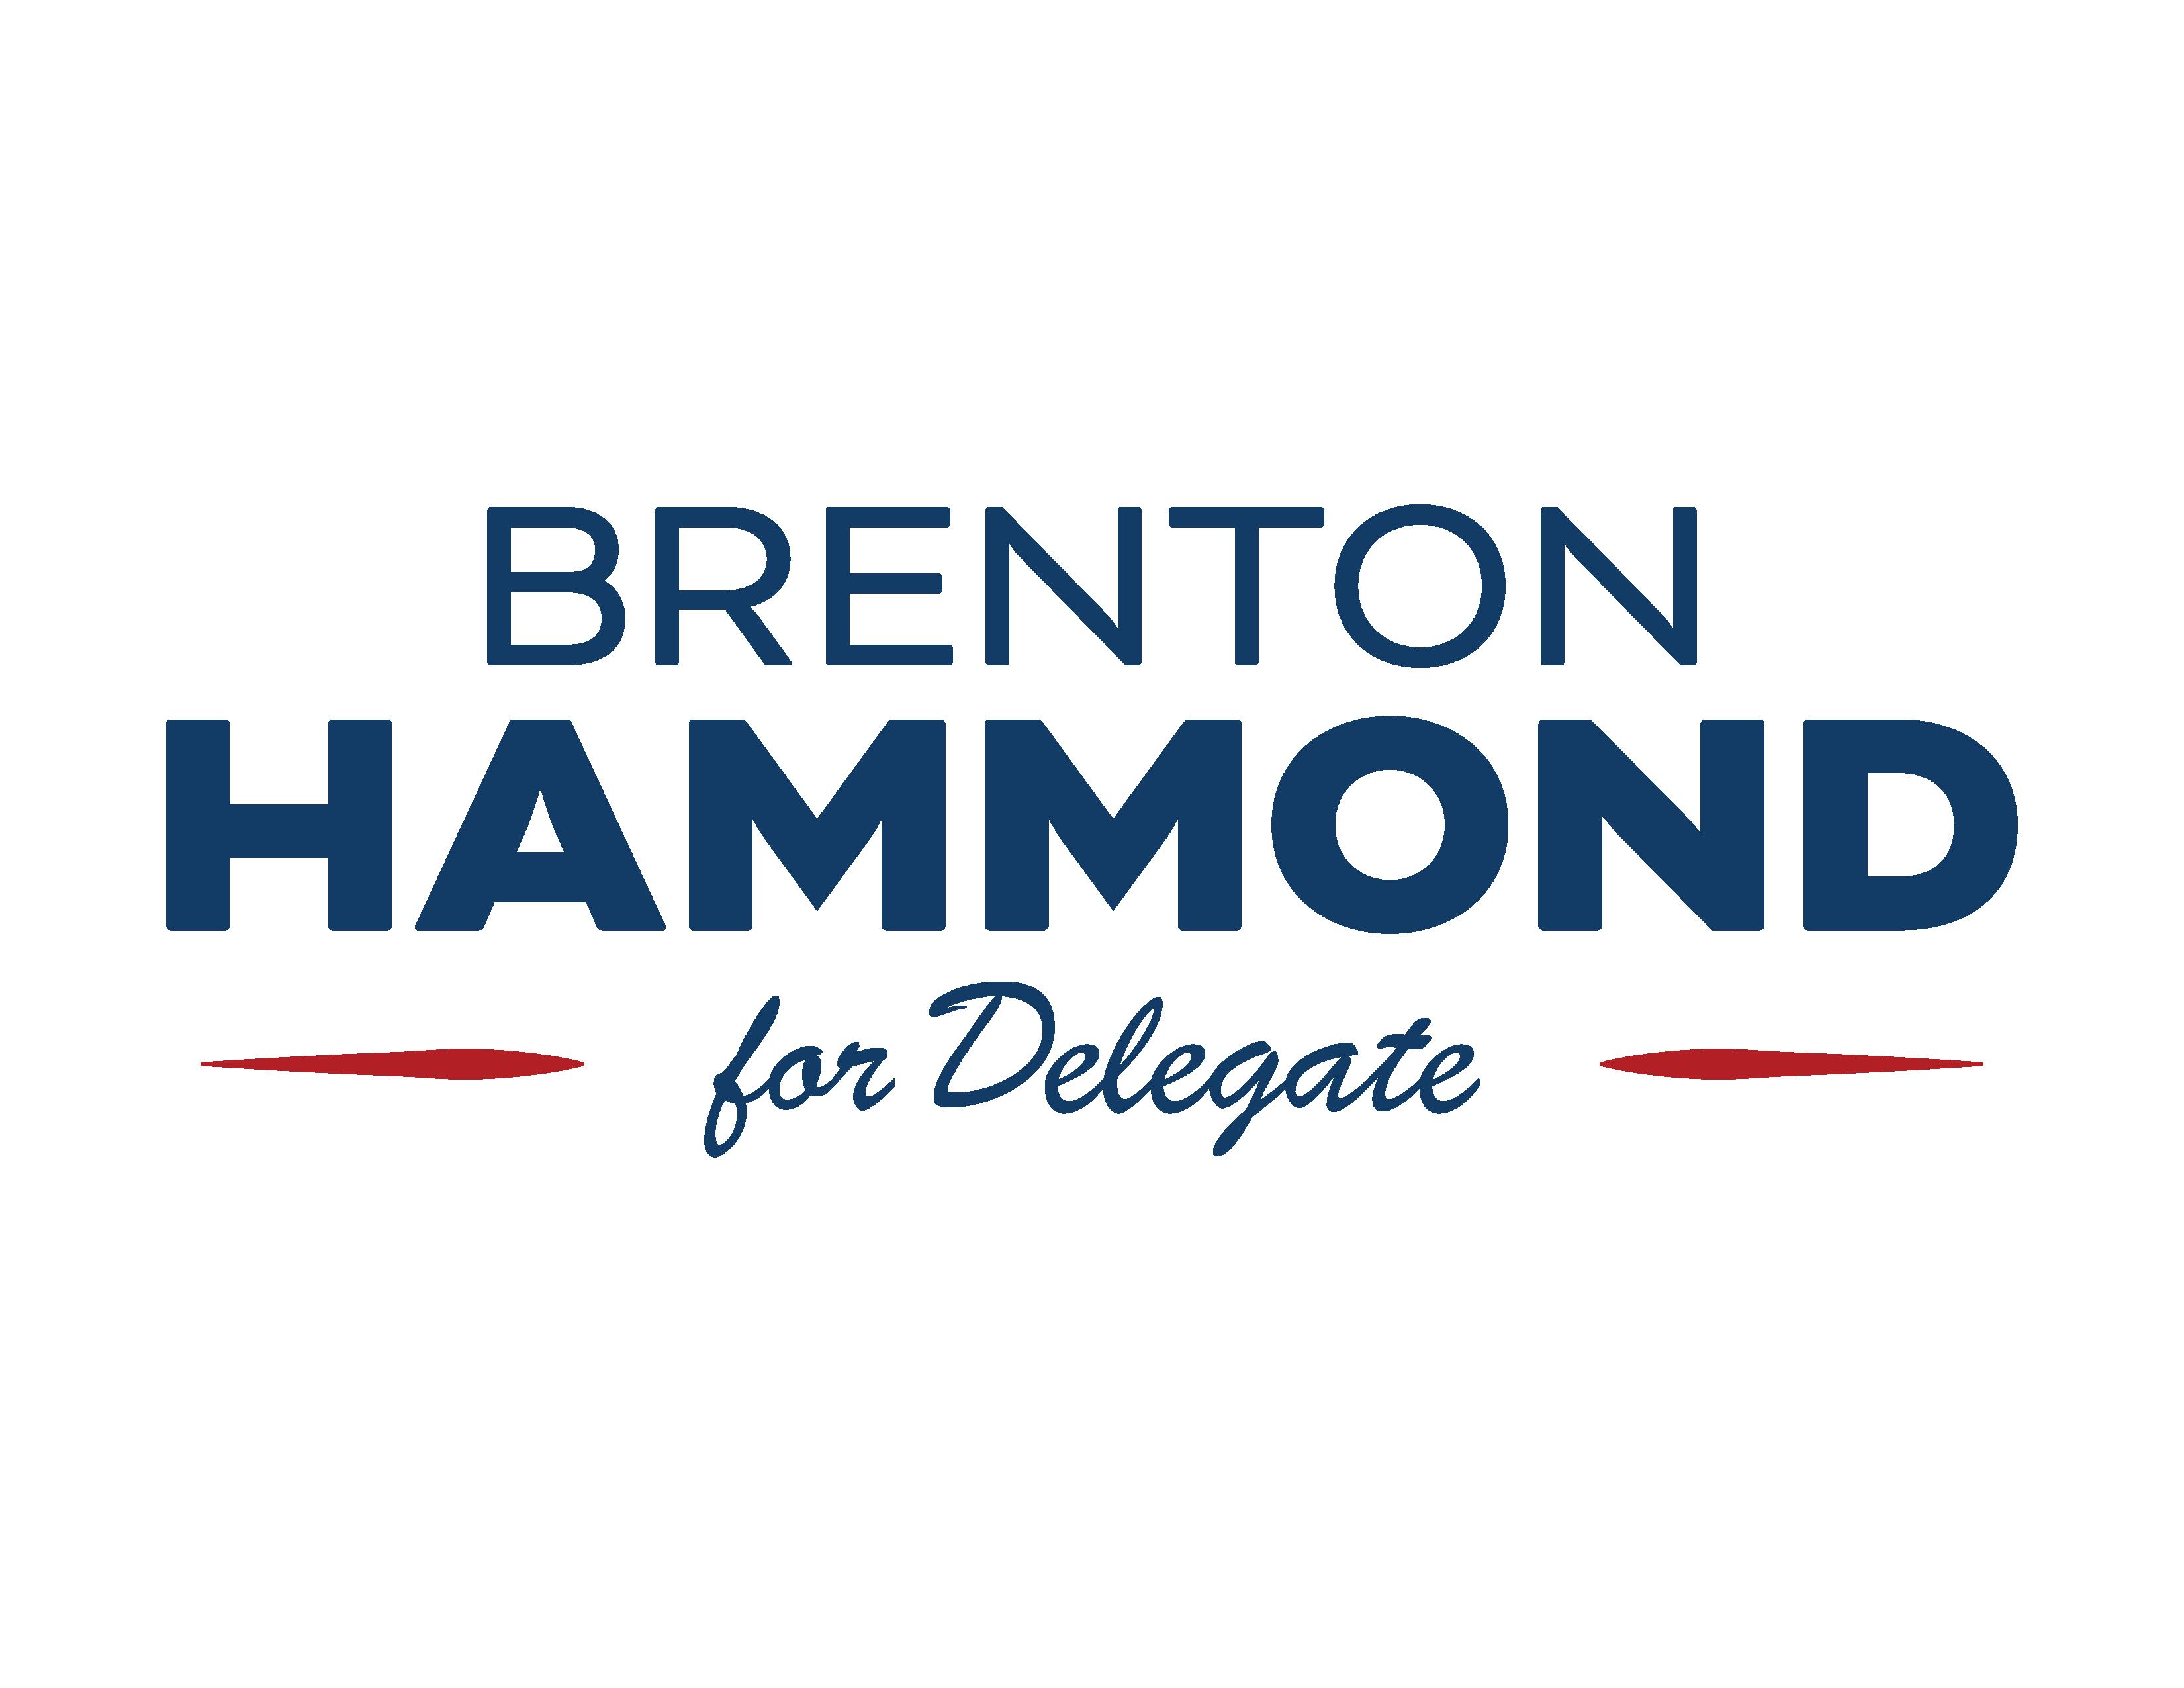 Brenton Hammond for Delegate